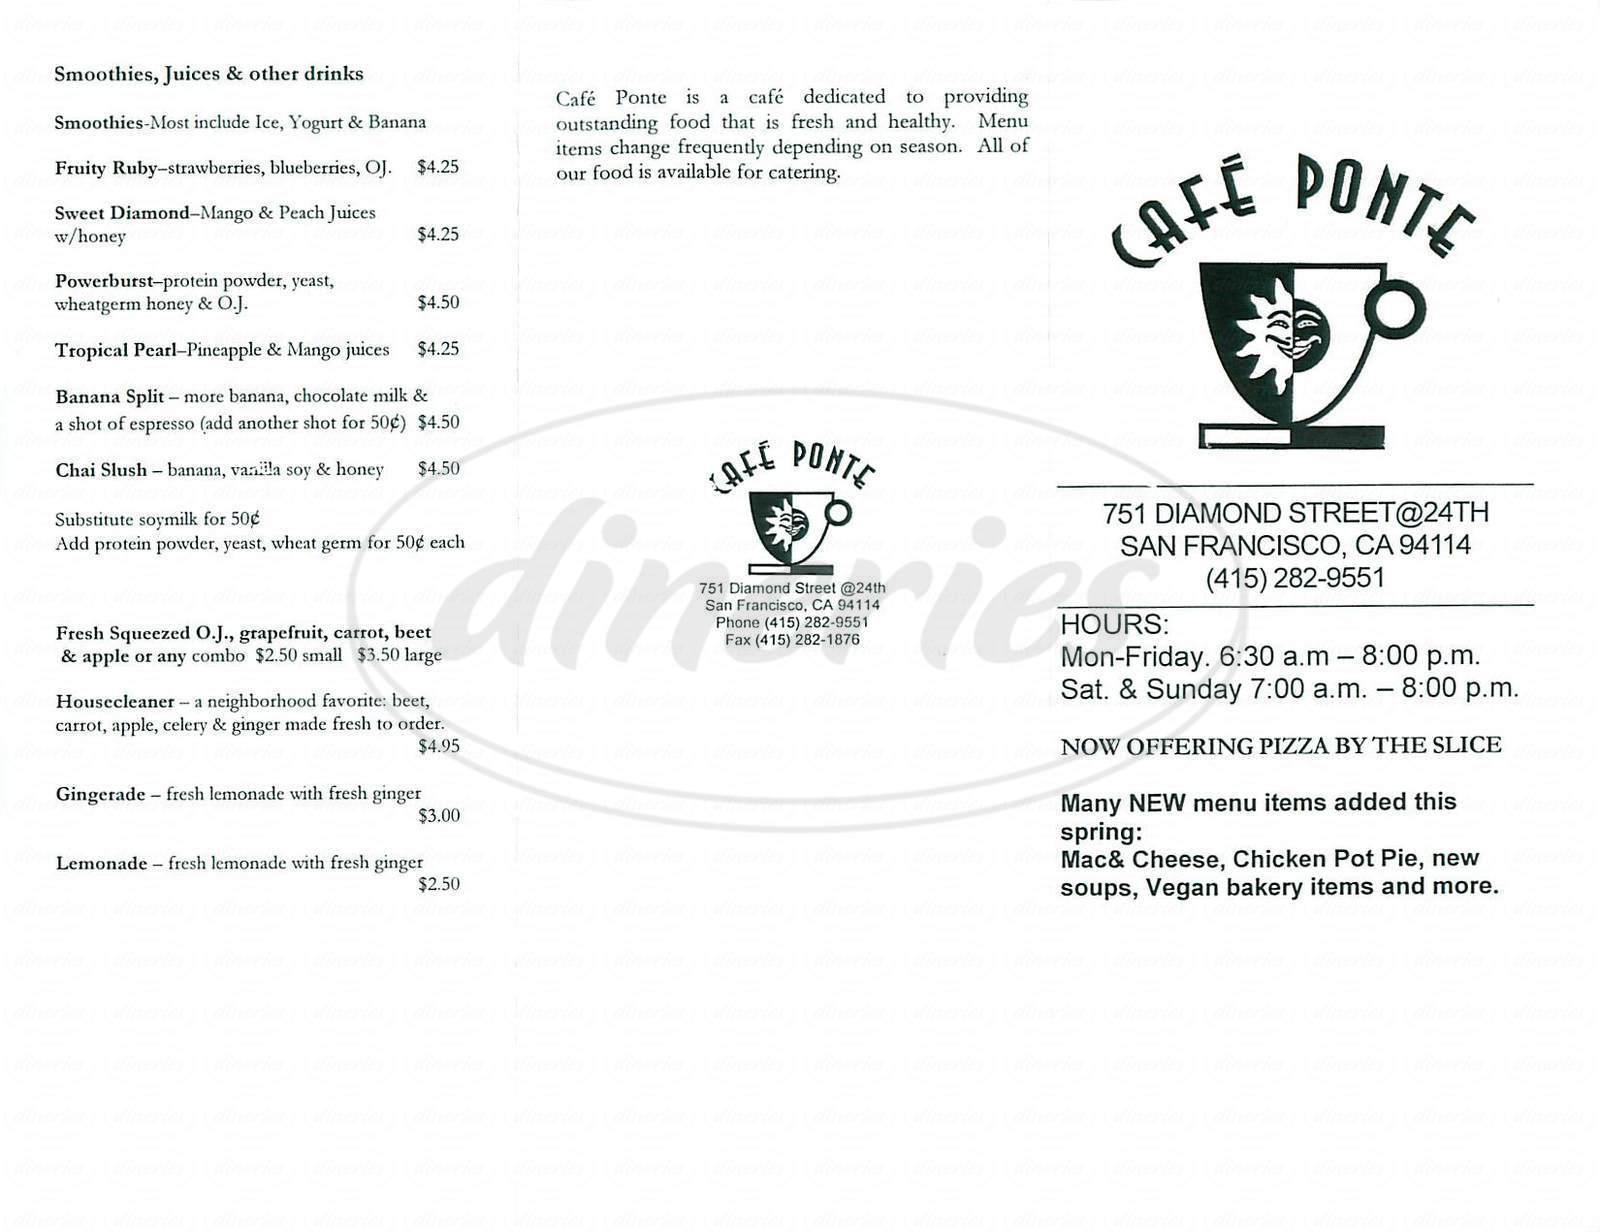 menu for Café Ponte